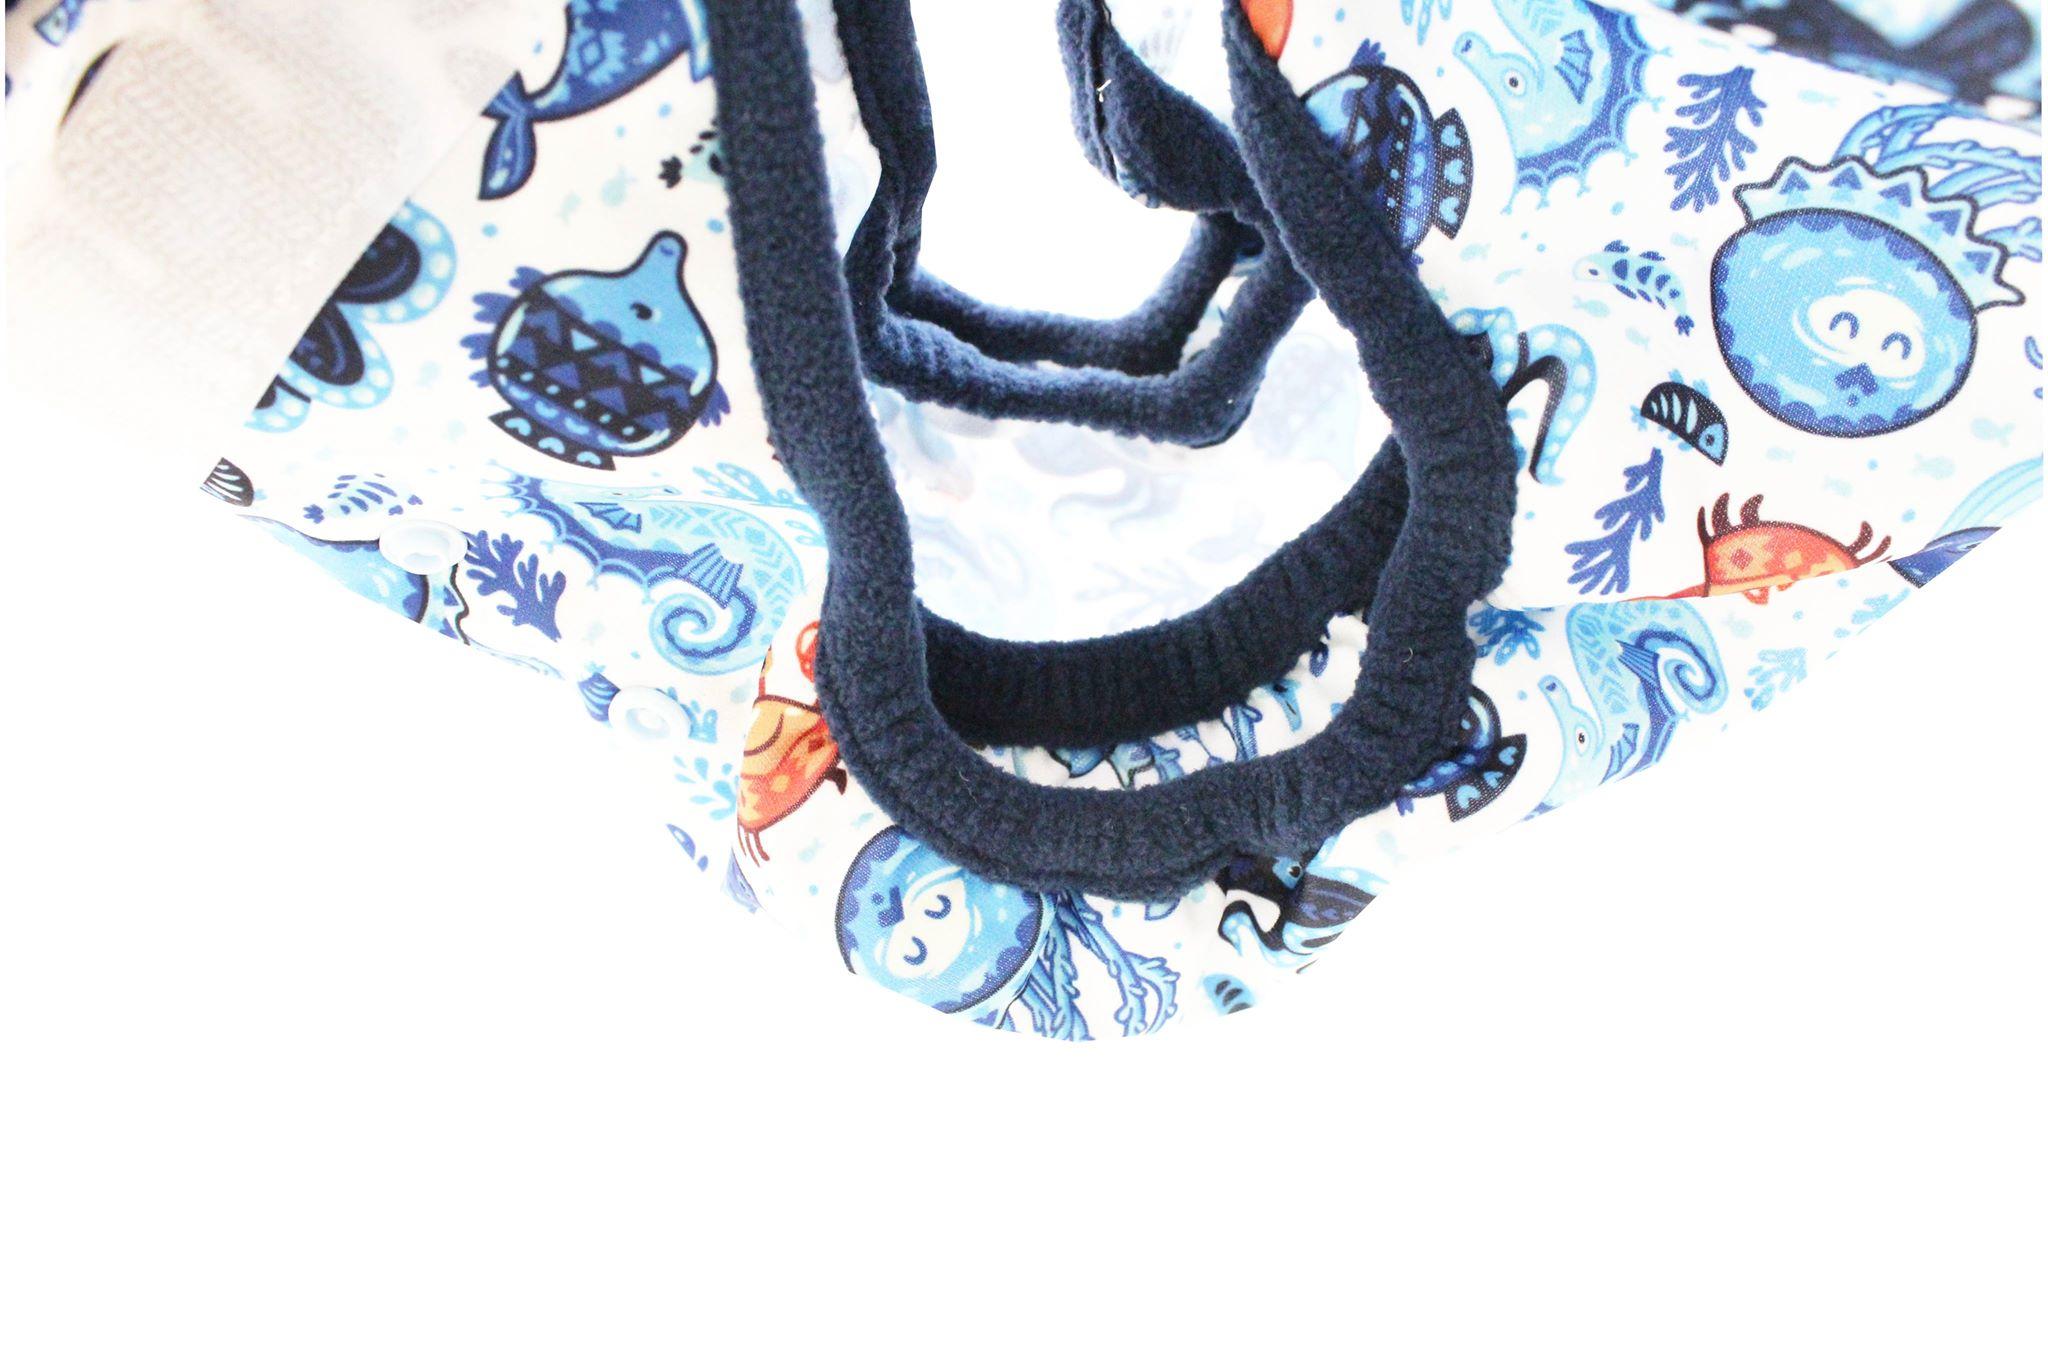 Svrchní kalhotky z PULu - Lemované fleecem, XL, na patentky, s křidélky